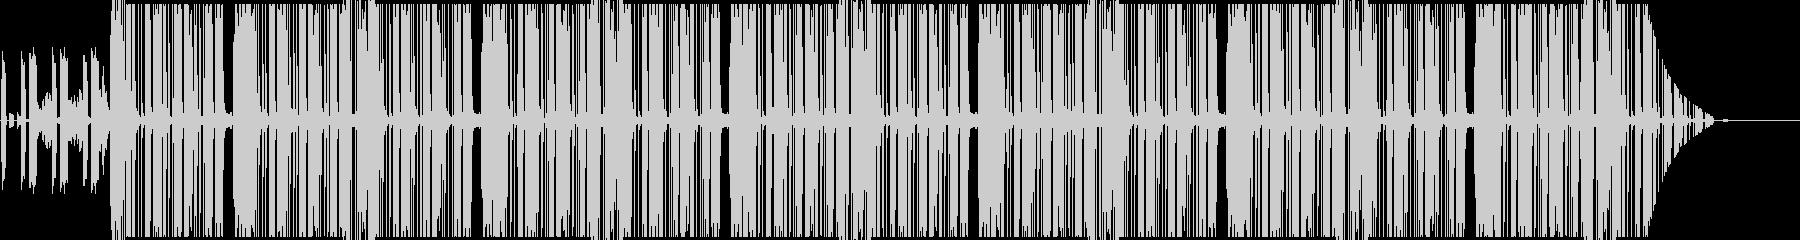 近代hiphopのサイファー用ビートの未再生の波形